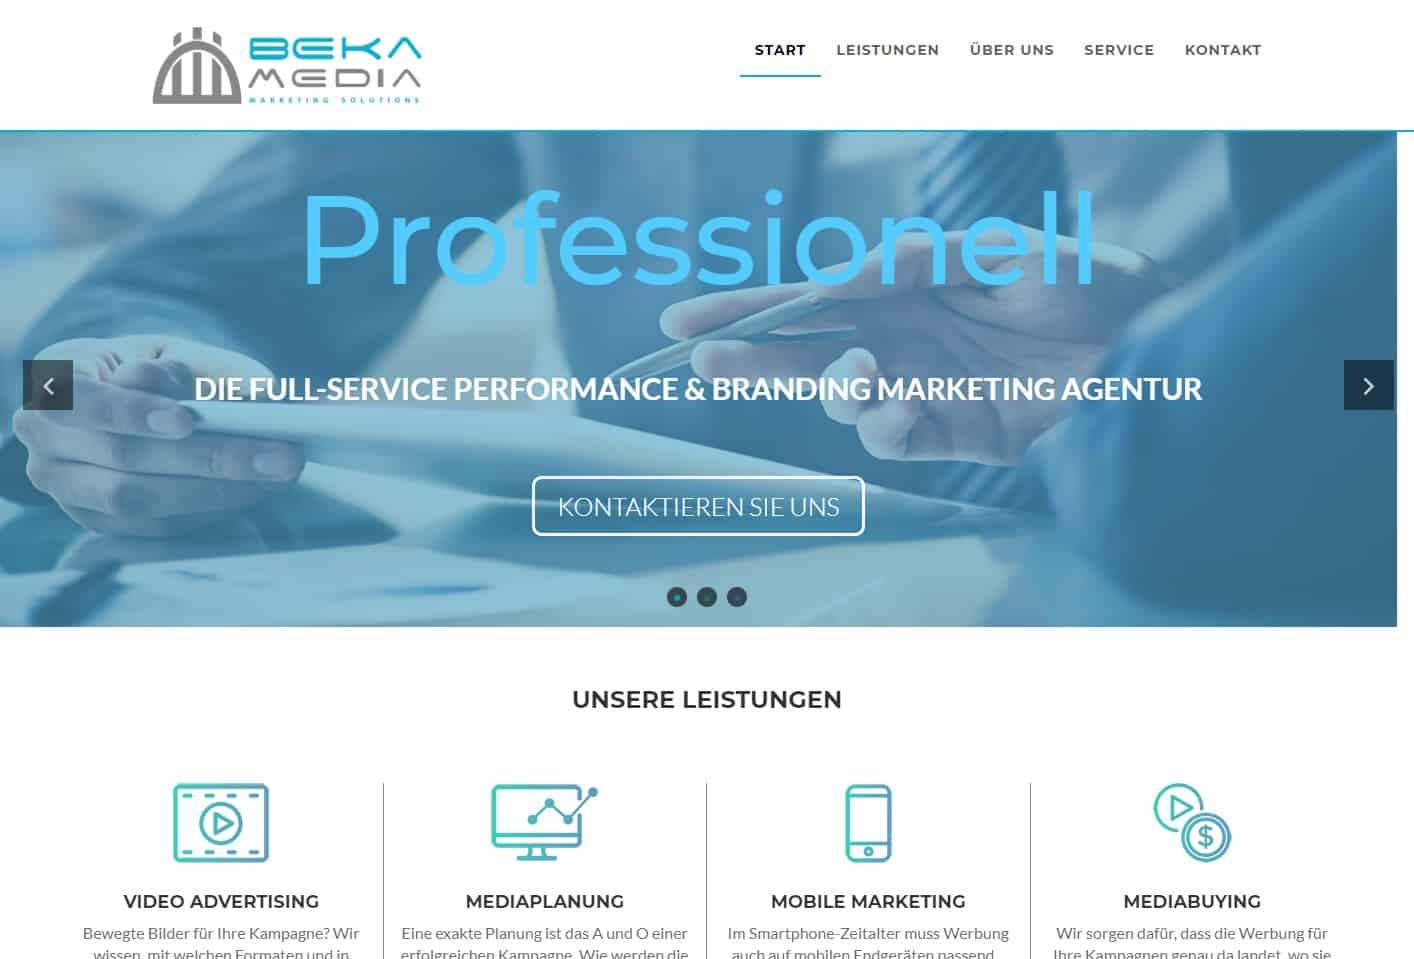 Testbericht: BeKa Media GmbH Abzocke